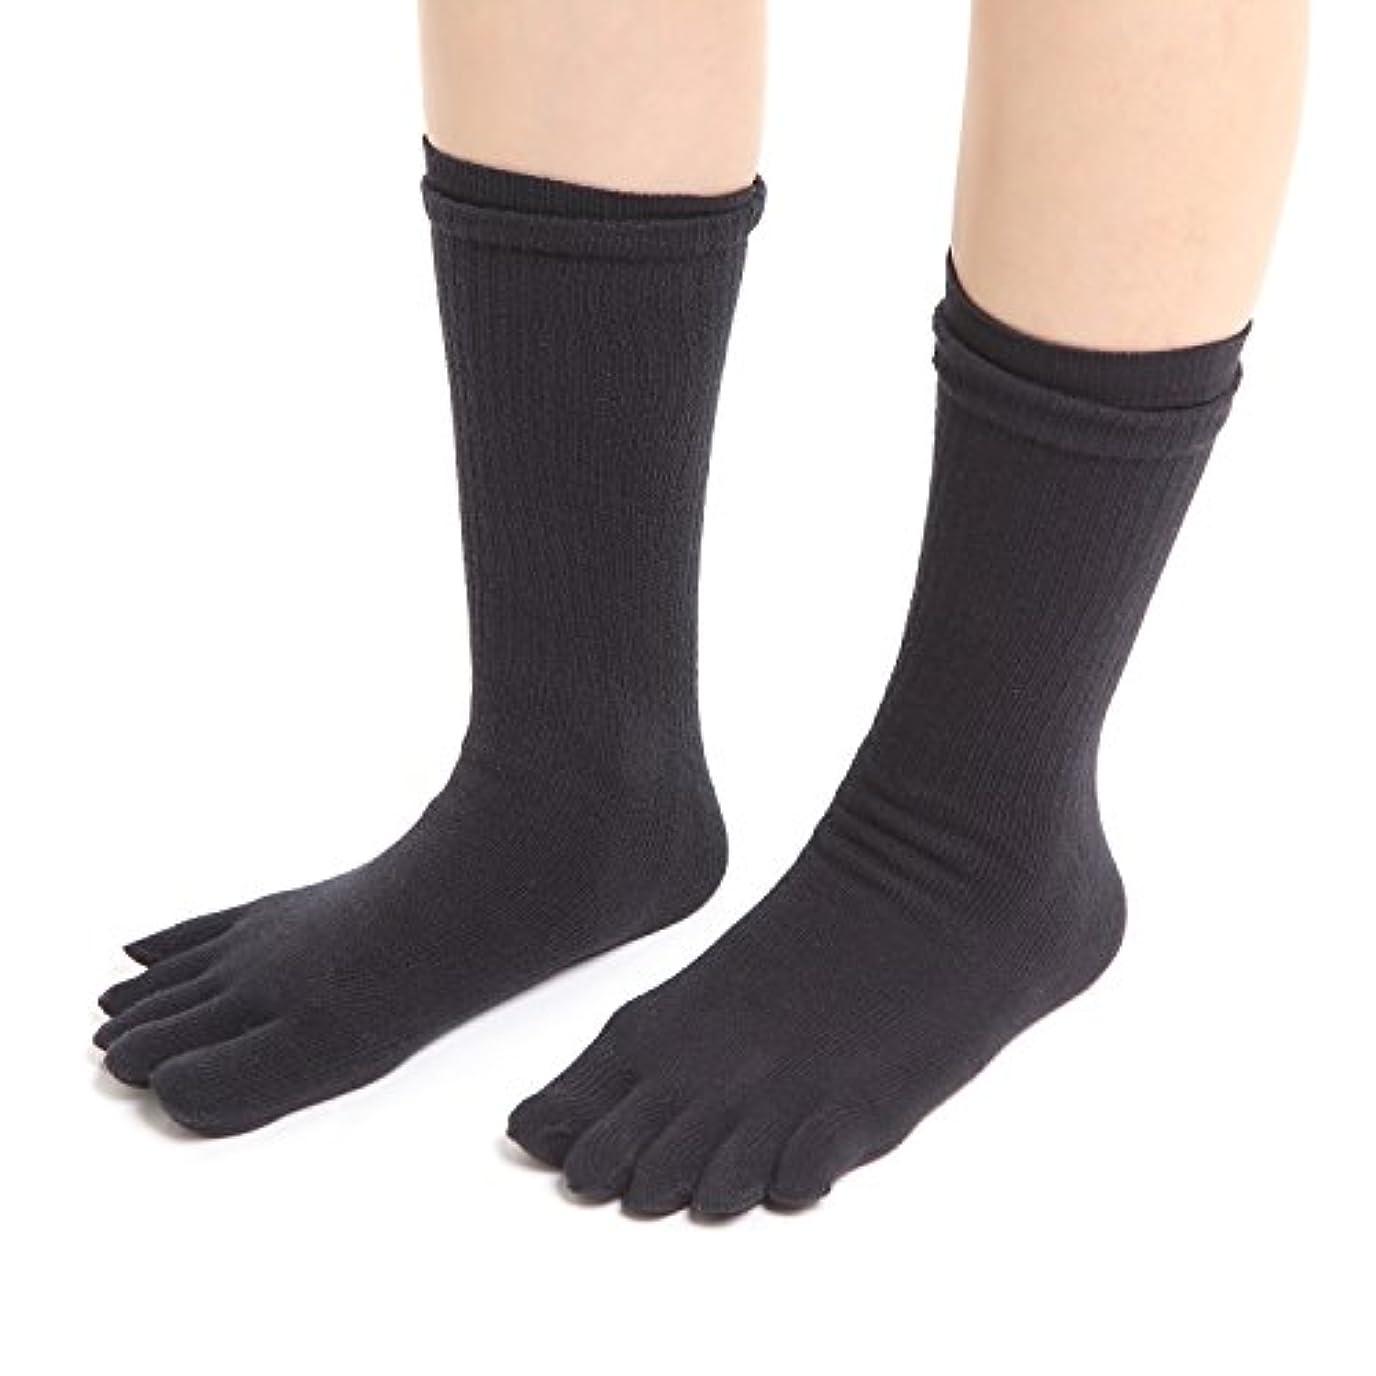 マーチャンダイザー理想的にはウェイトレスNANA 初心者向け冷えとり靴下 内シルク外コットンソックス 2足セット 5本指ソックス フリーサイズ シルク (黒)